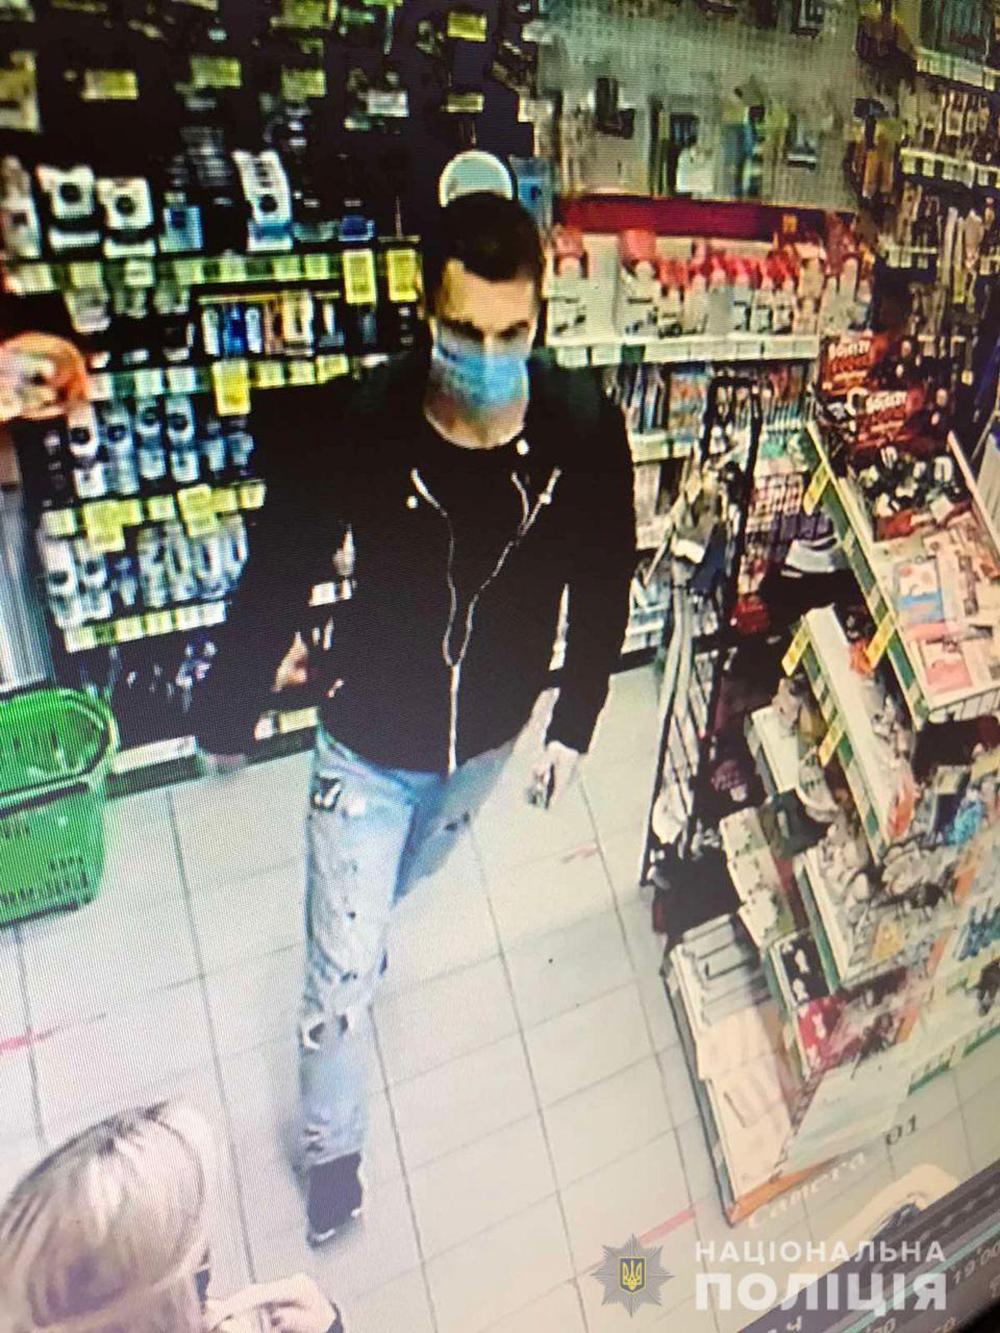 Вінницькі поліцейські розшукують чоловіка, який може бути причетним до крадіжки